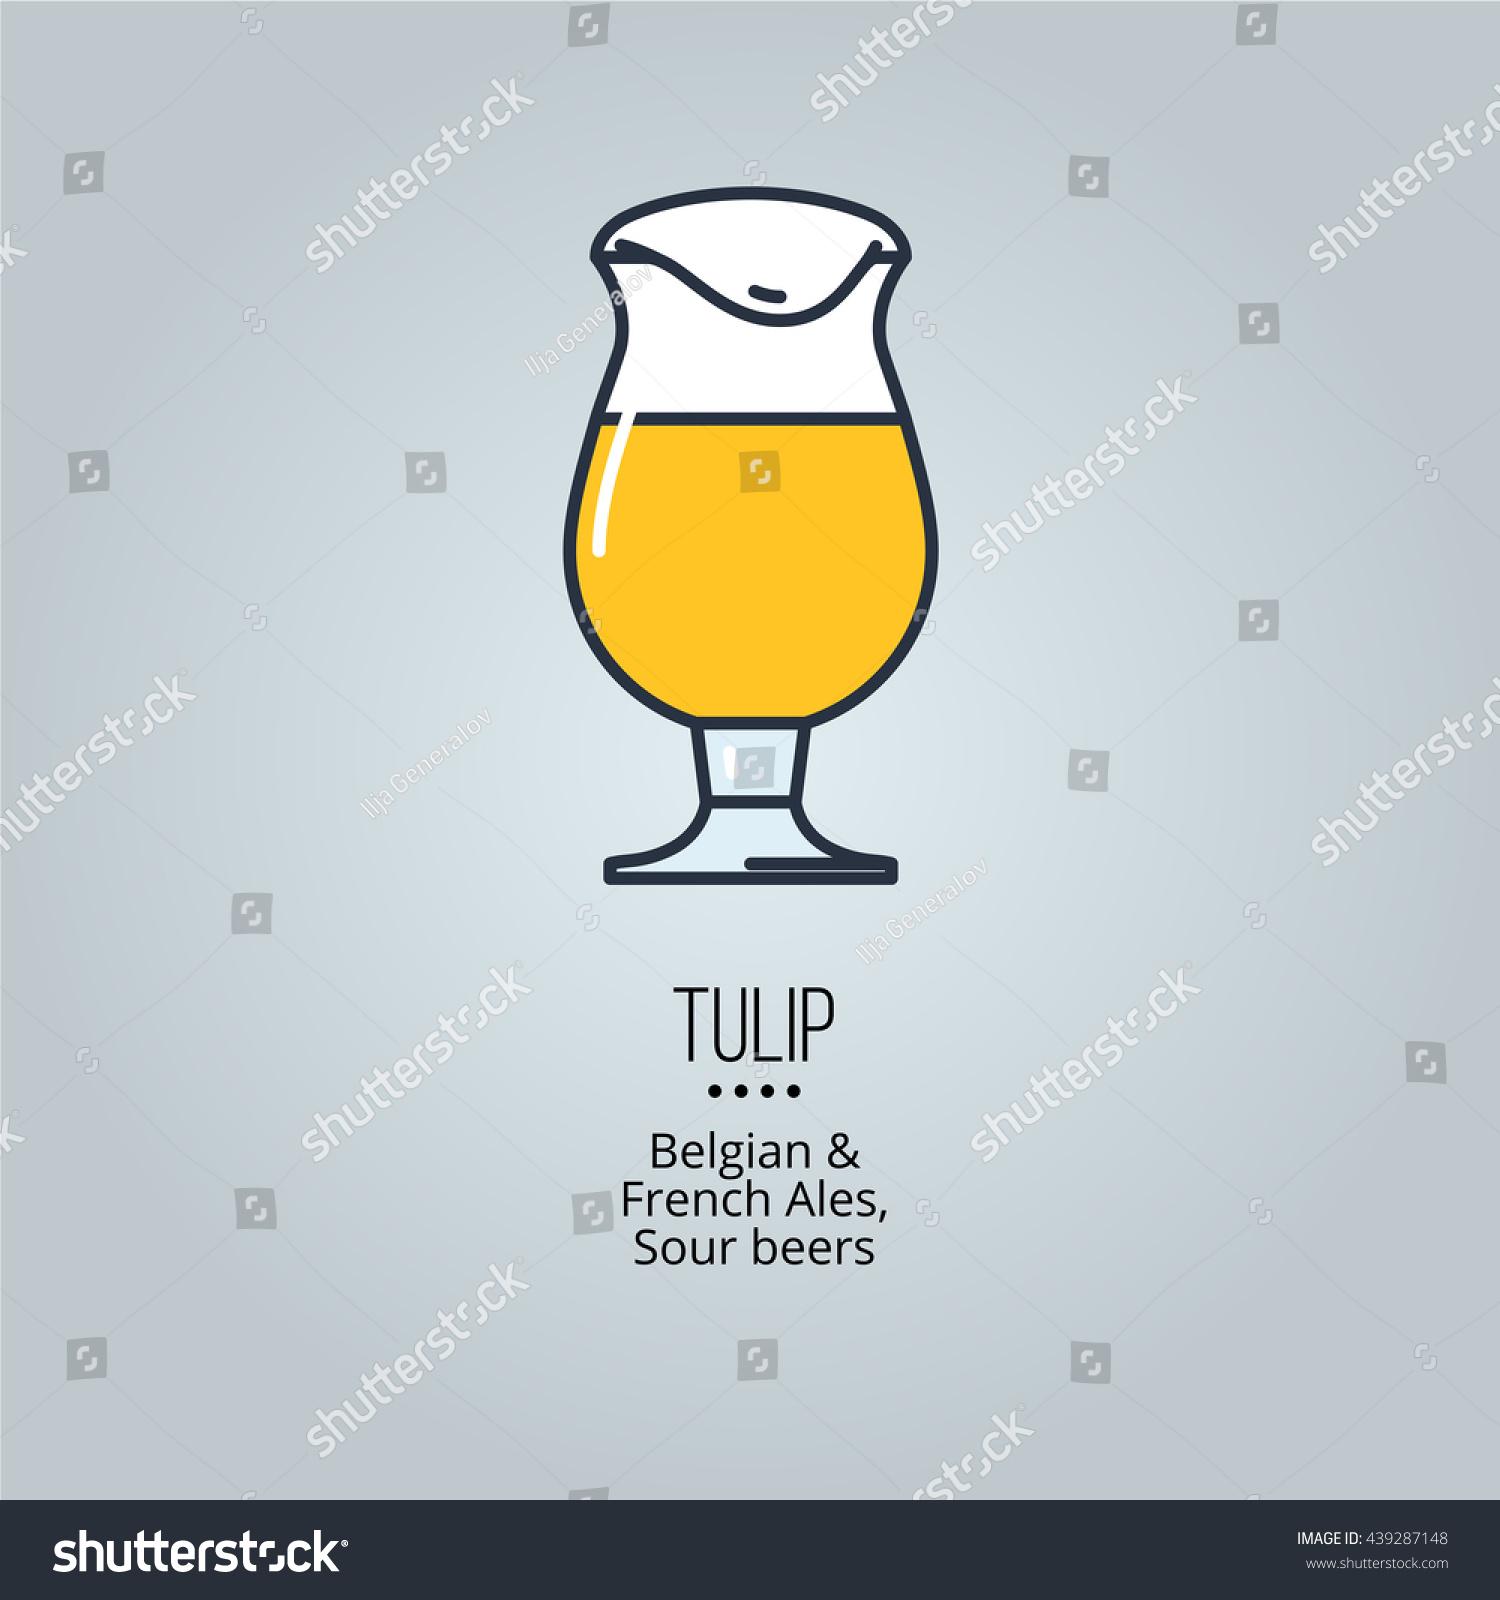 tulip glass icon stock vector 439287148 shutterstock